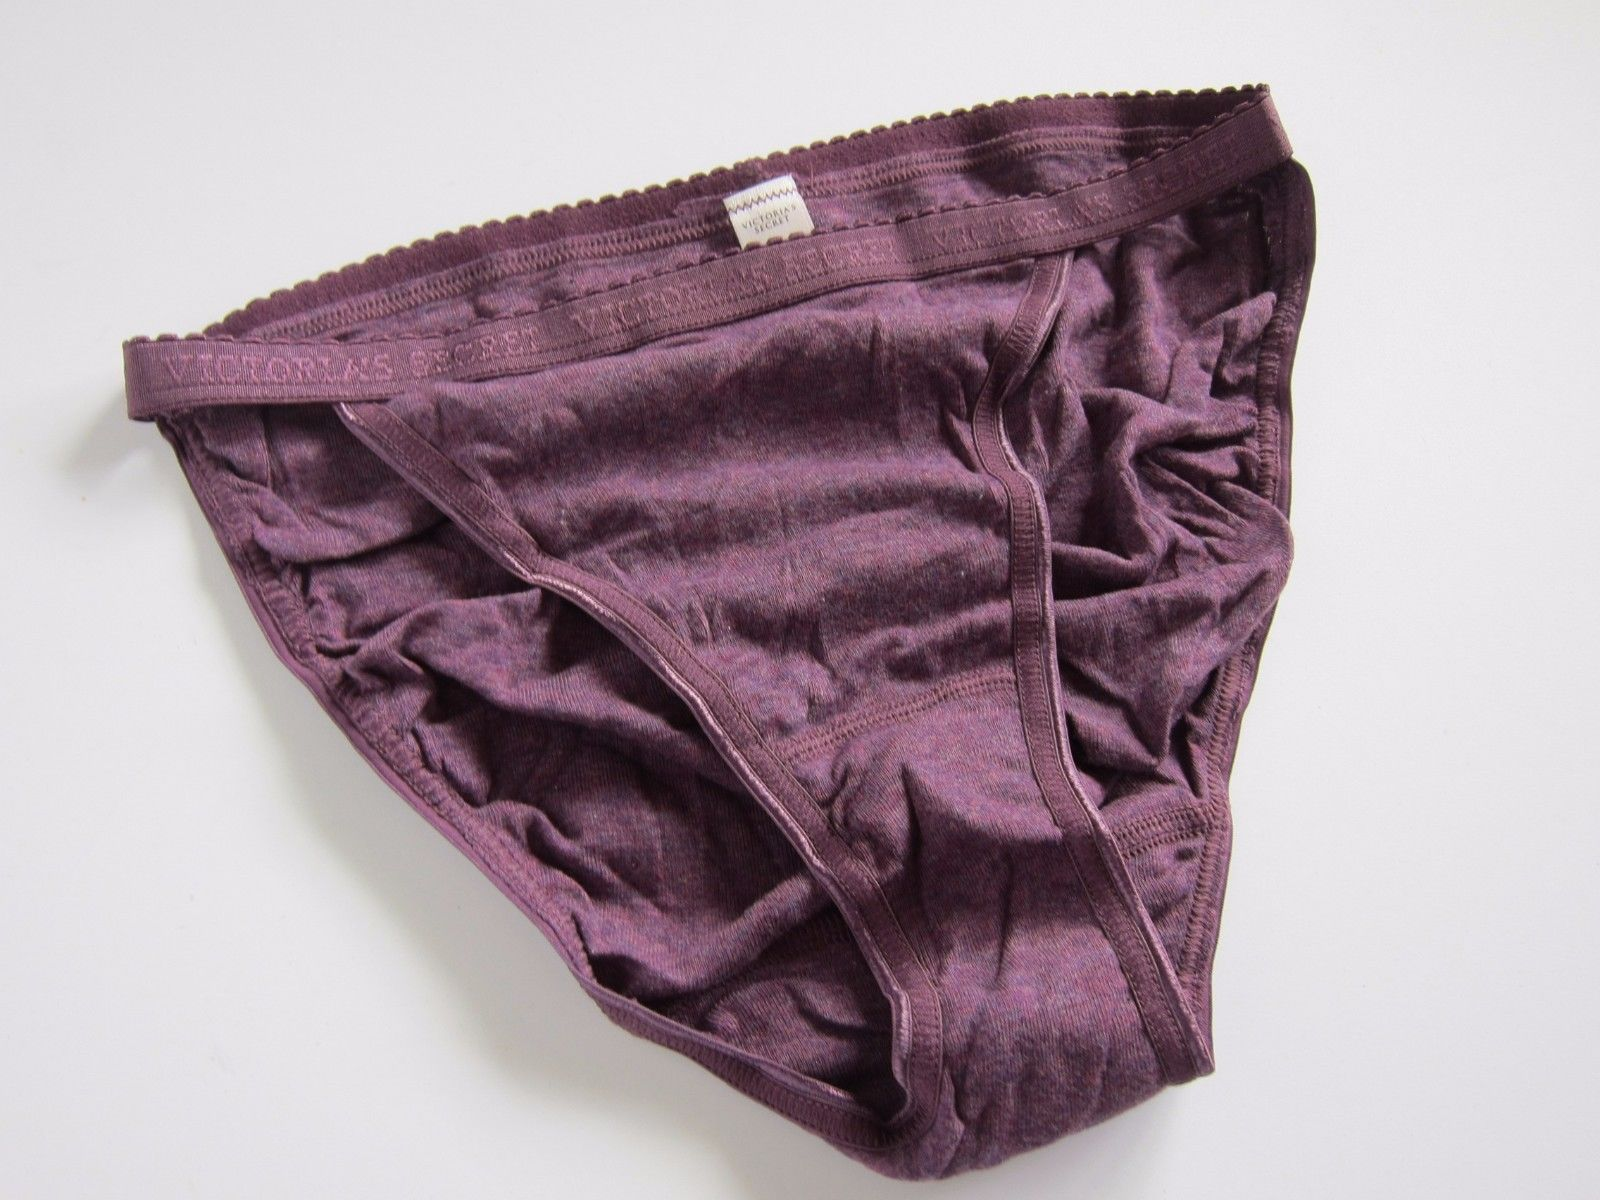 907c361b2c1d0 1 NWOT Victoria's Secret VINTAGE Cotton and 50 similar items